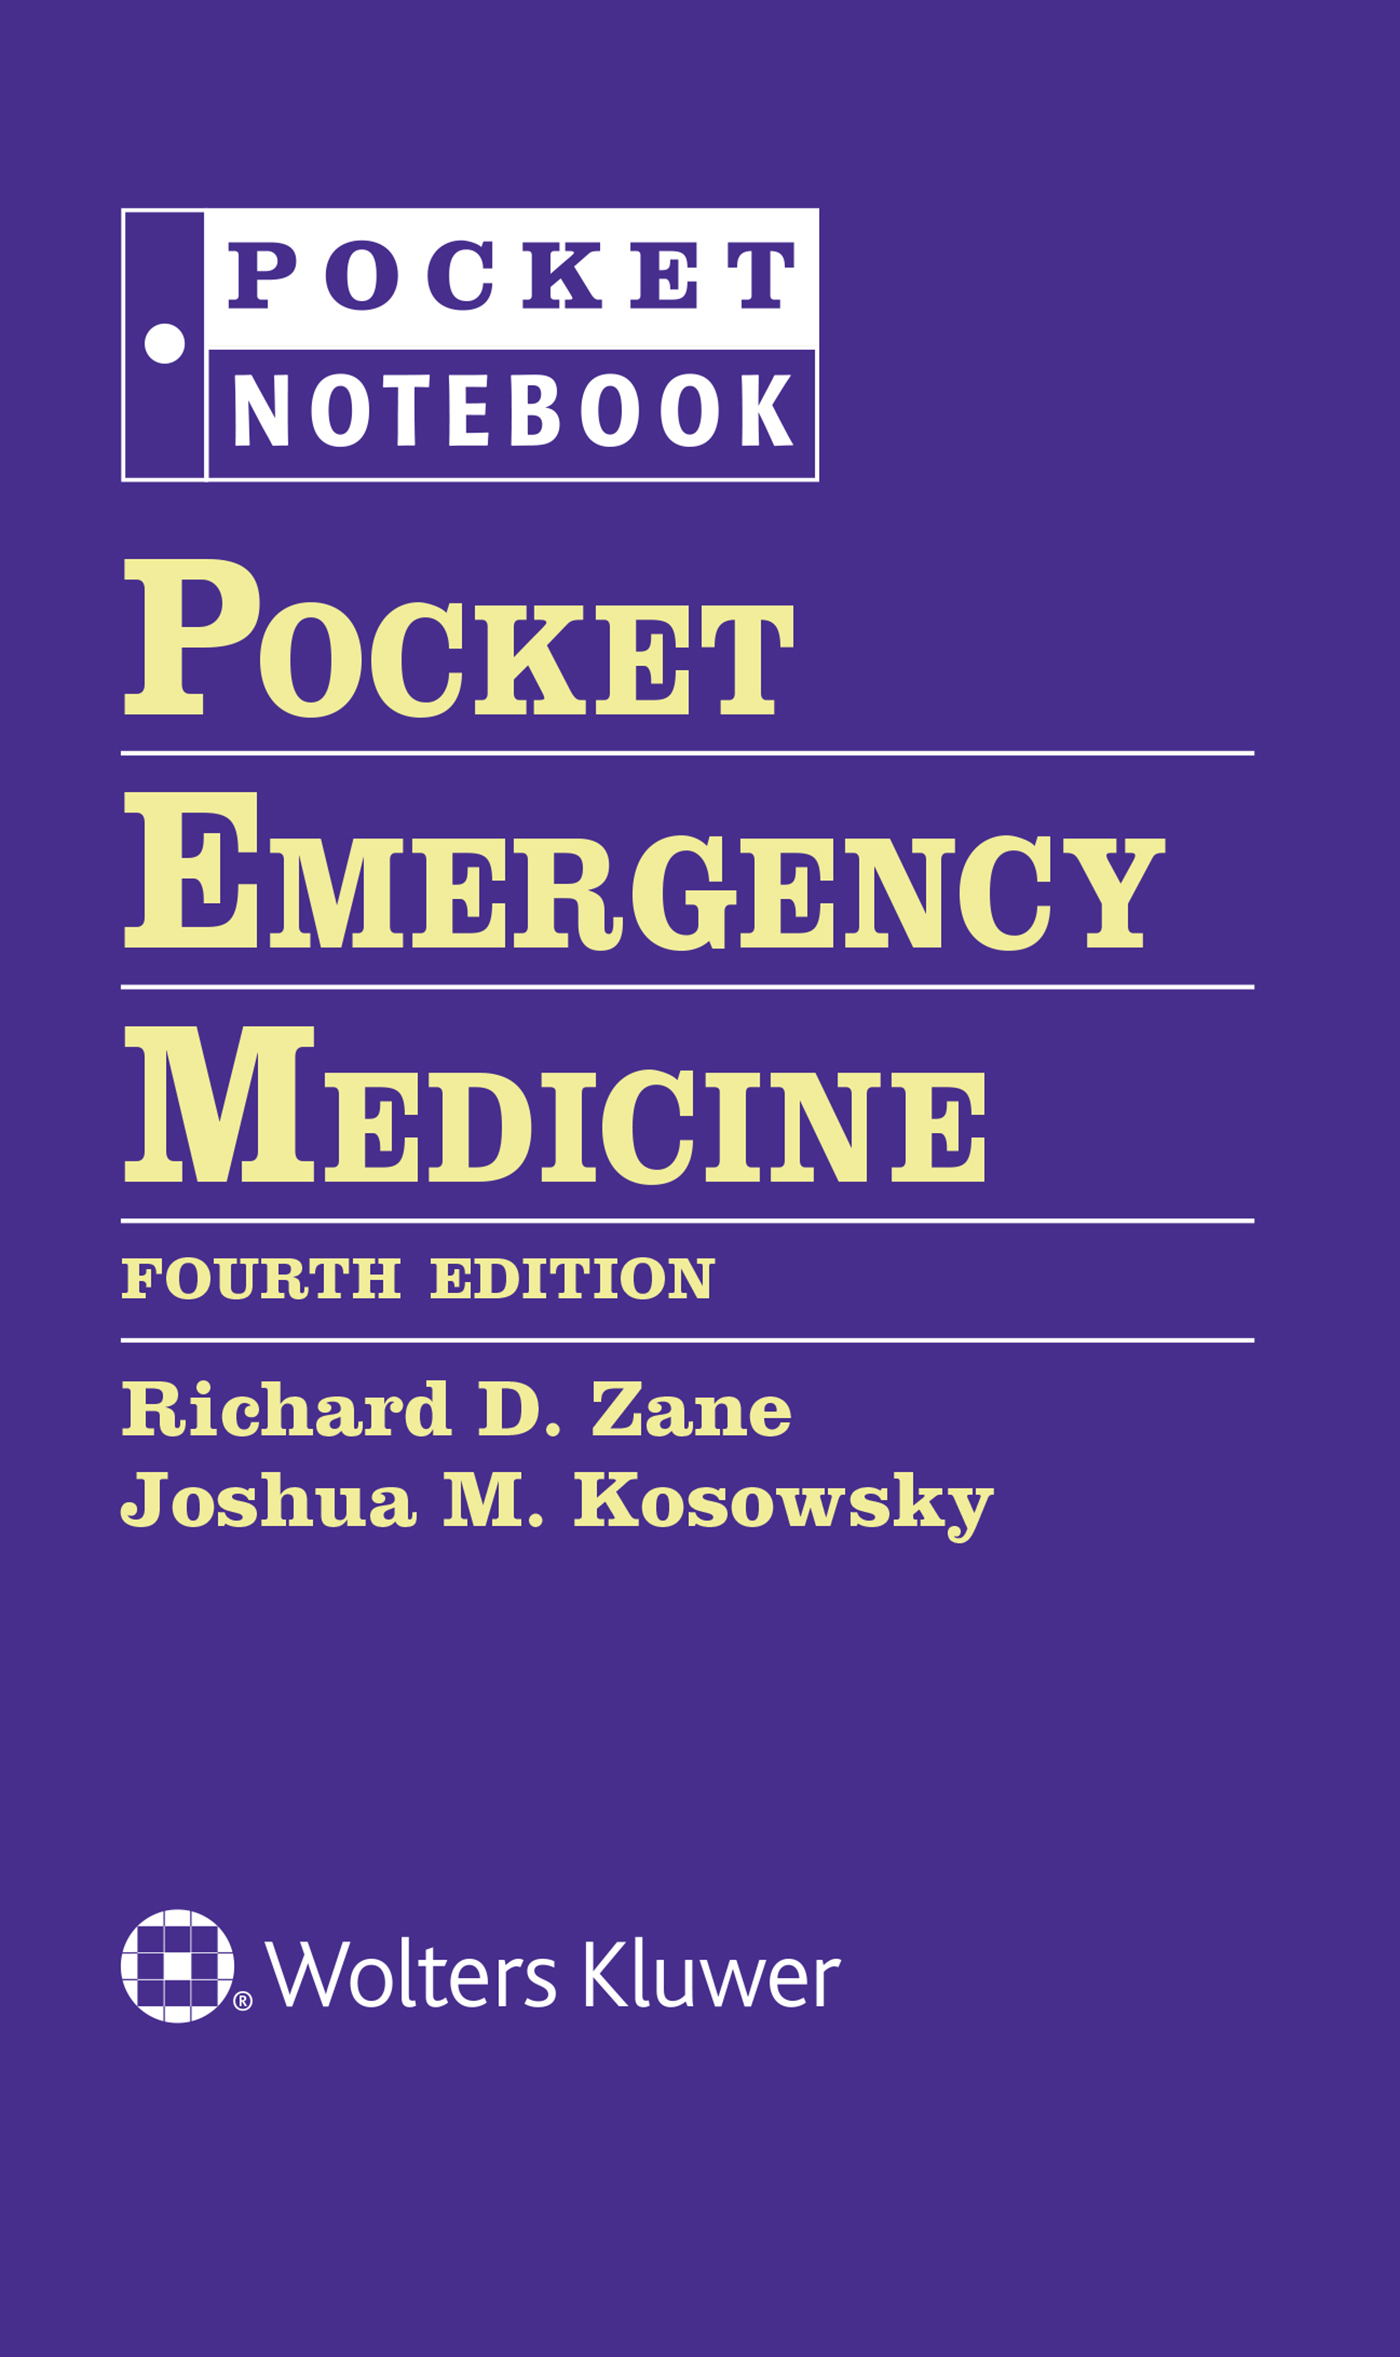 Pocket Emergency Medicine                                       Pocket Notebook Series